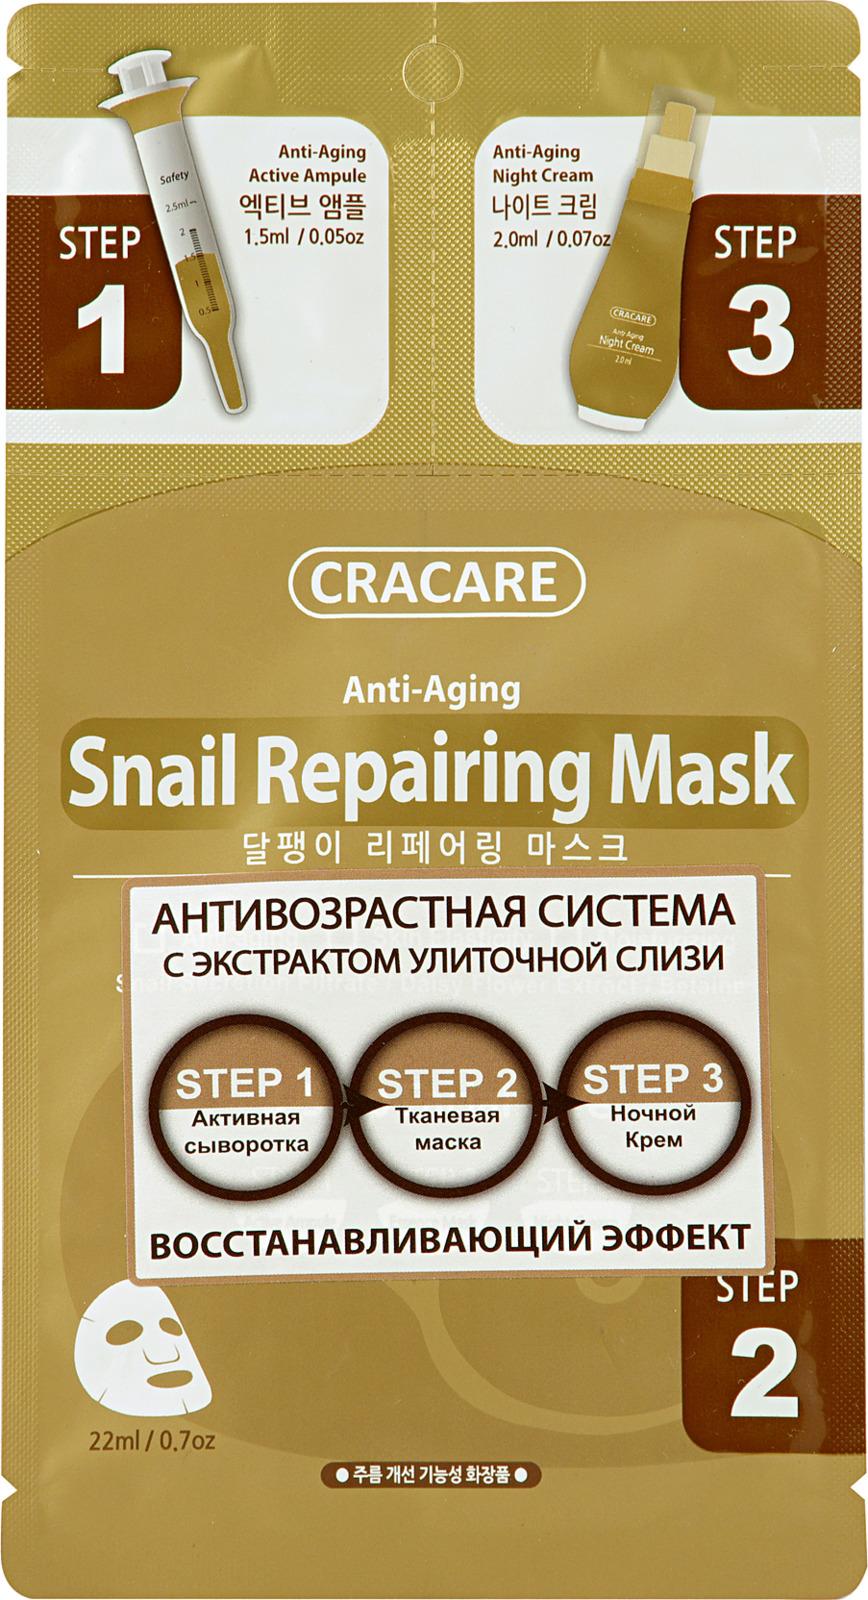 Фото - Cracare Регенерирующая маска с экстрактом слизи улитки 3 шага маска д лица cracare регенер с экстрактом слизи улитки 3 шага 40г тканевая